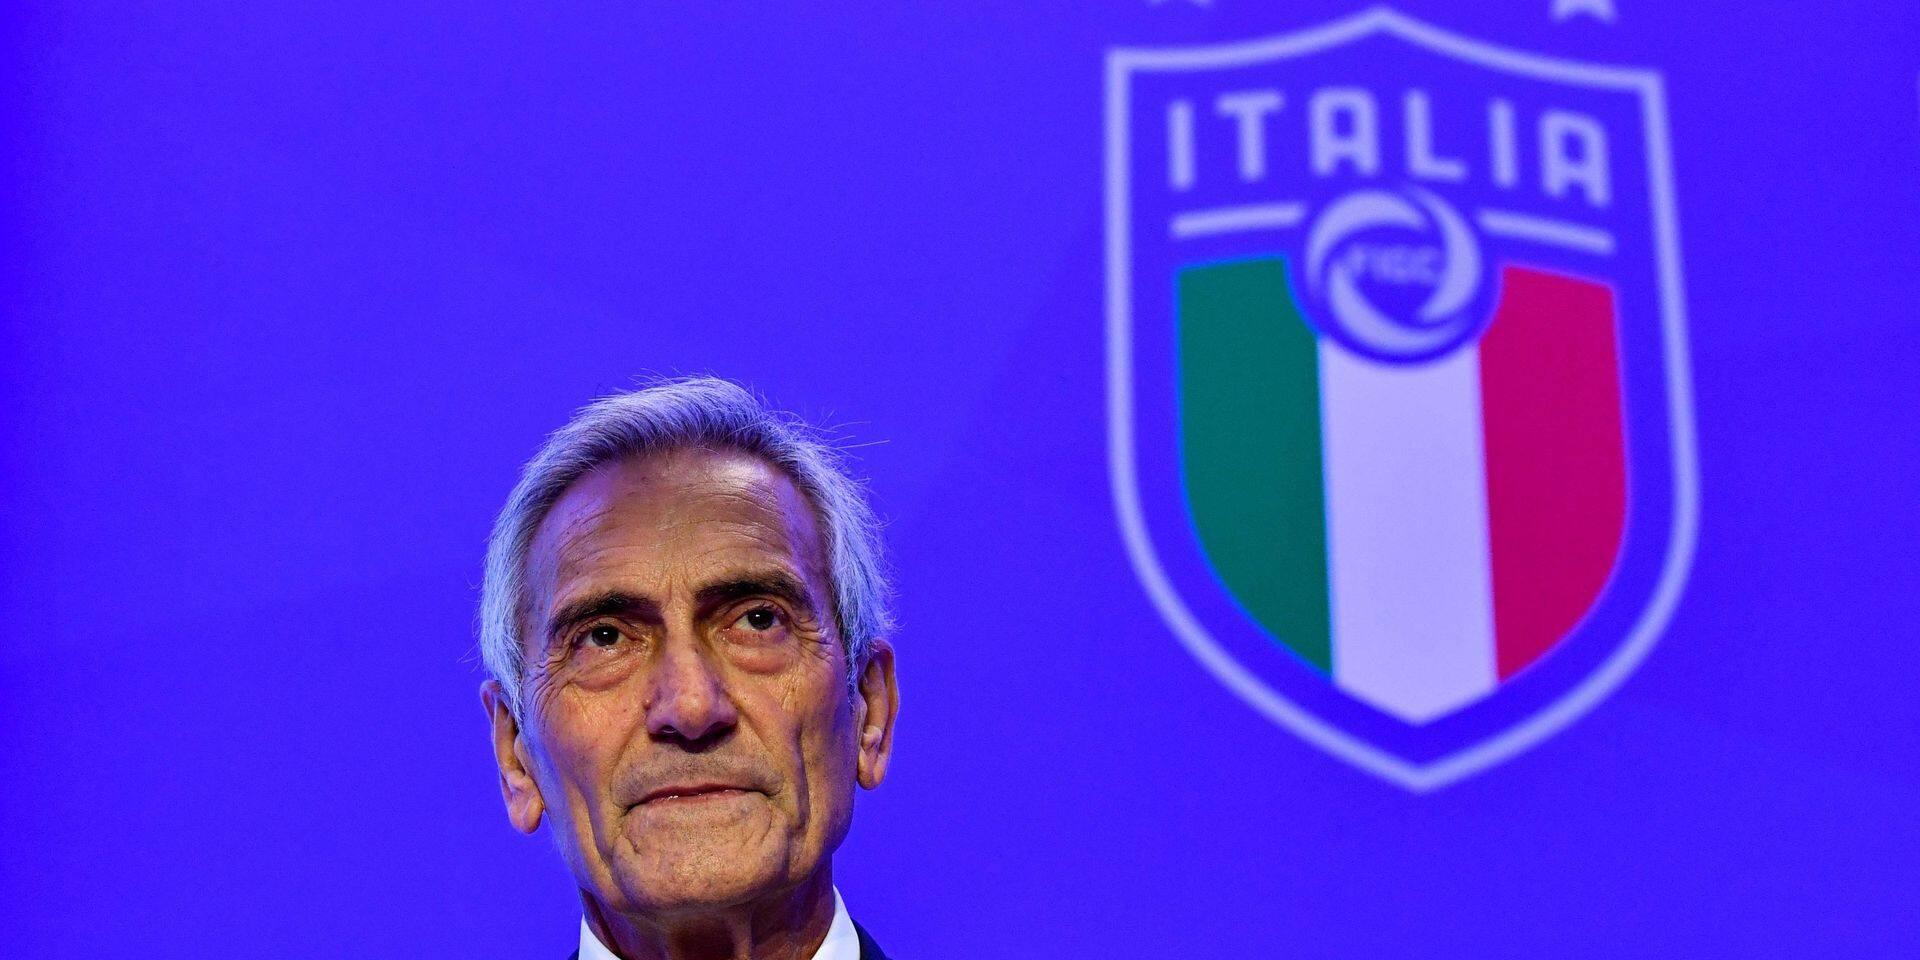 Le président de la Fédération italienne va demander le report de l'Euro